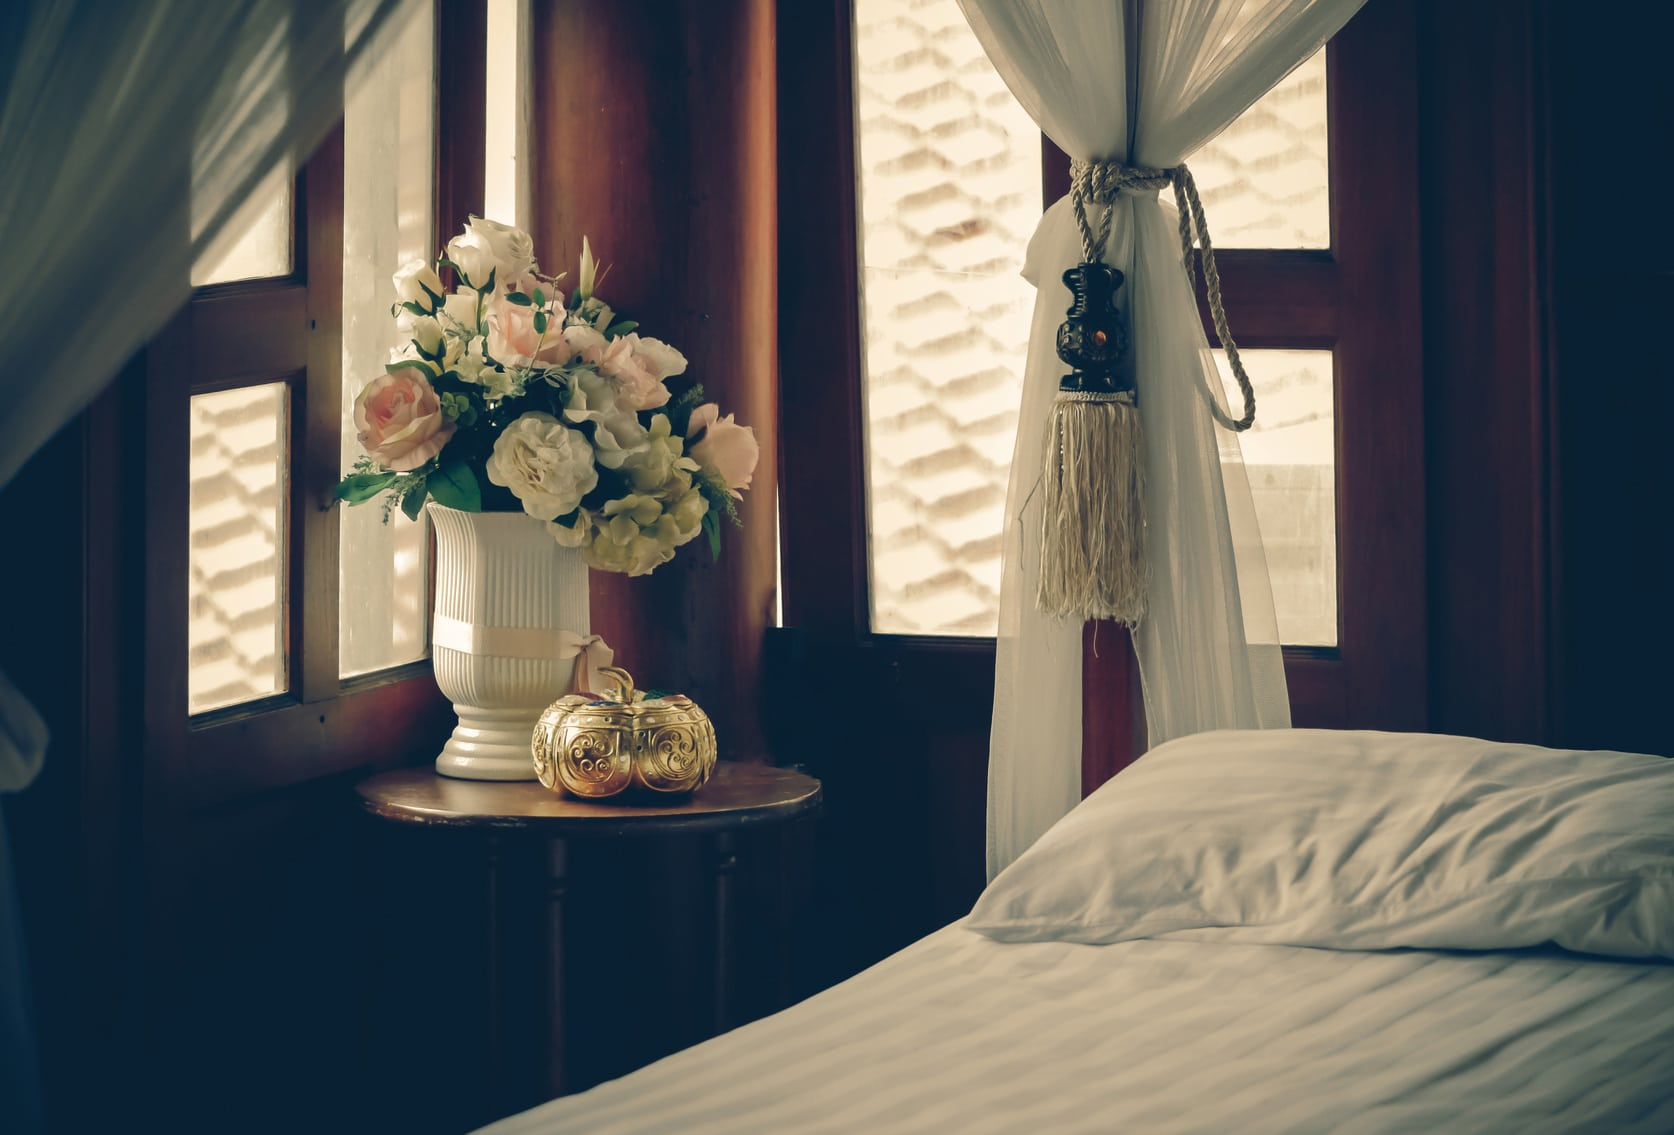 Comment d corer une chambre romantique for Decorer une chambre